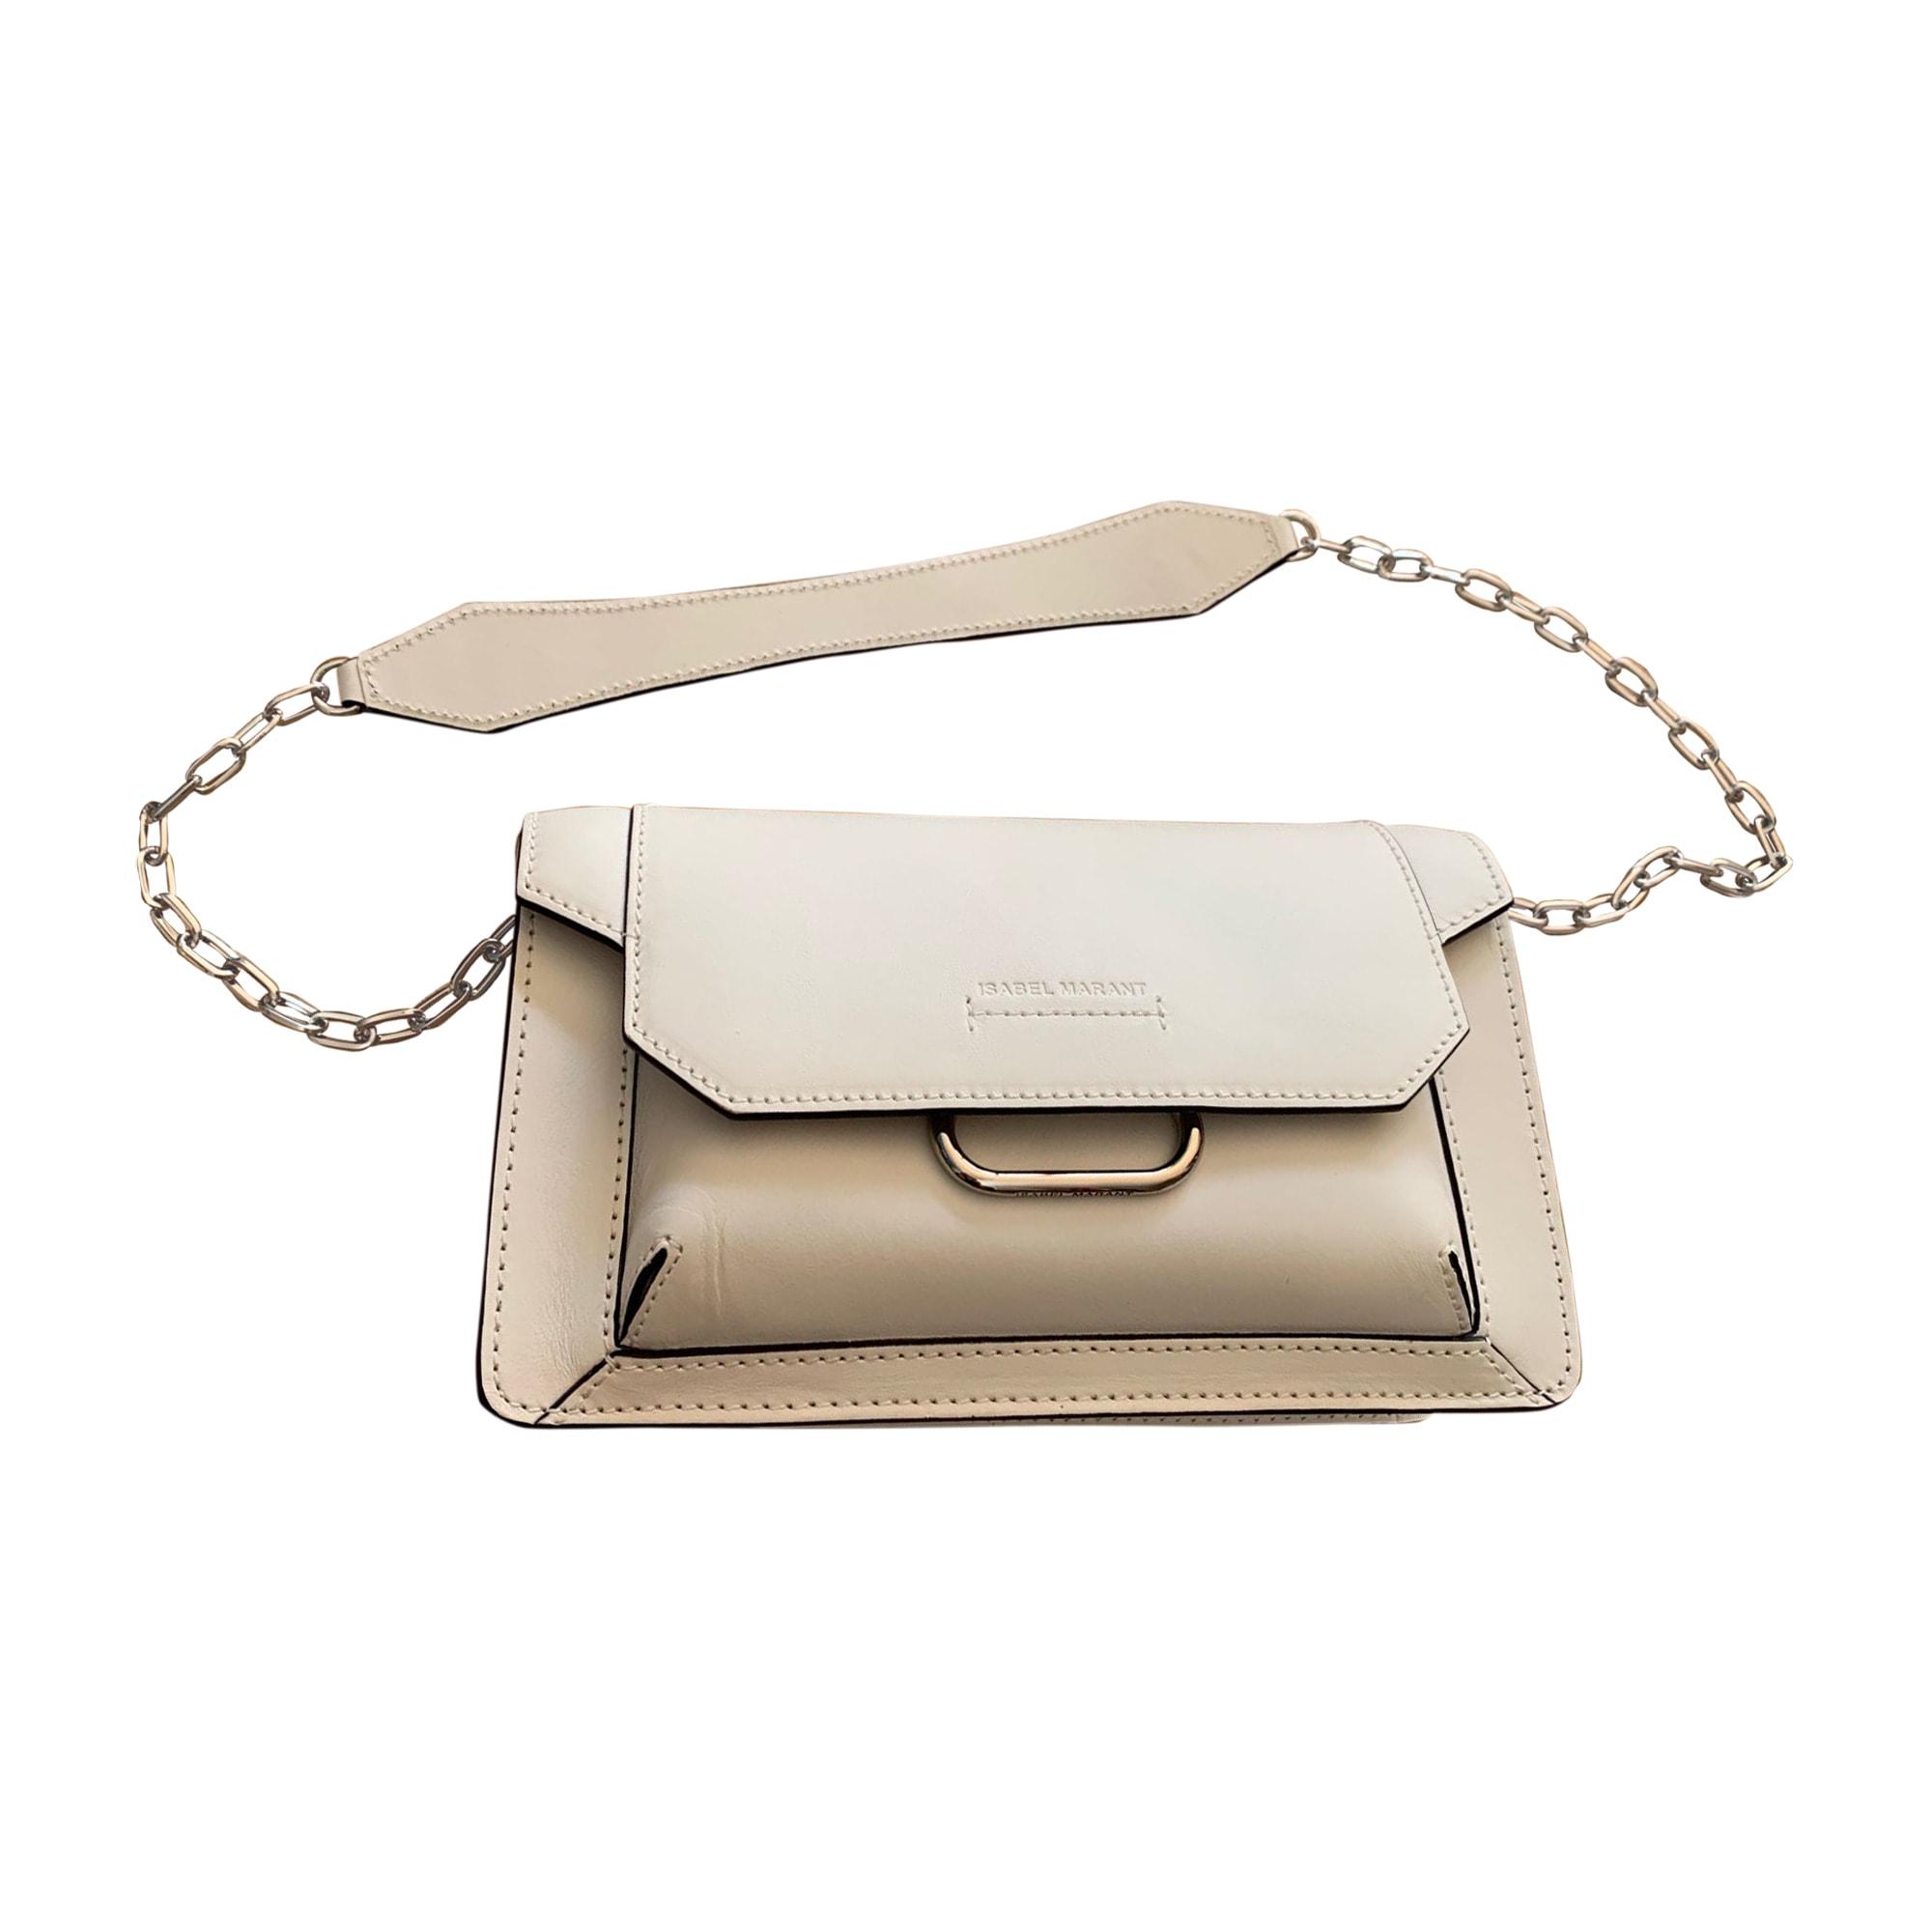 Leather Handbag ISABEL MARANT White, off-white, ecru